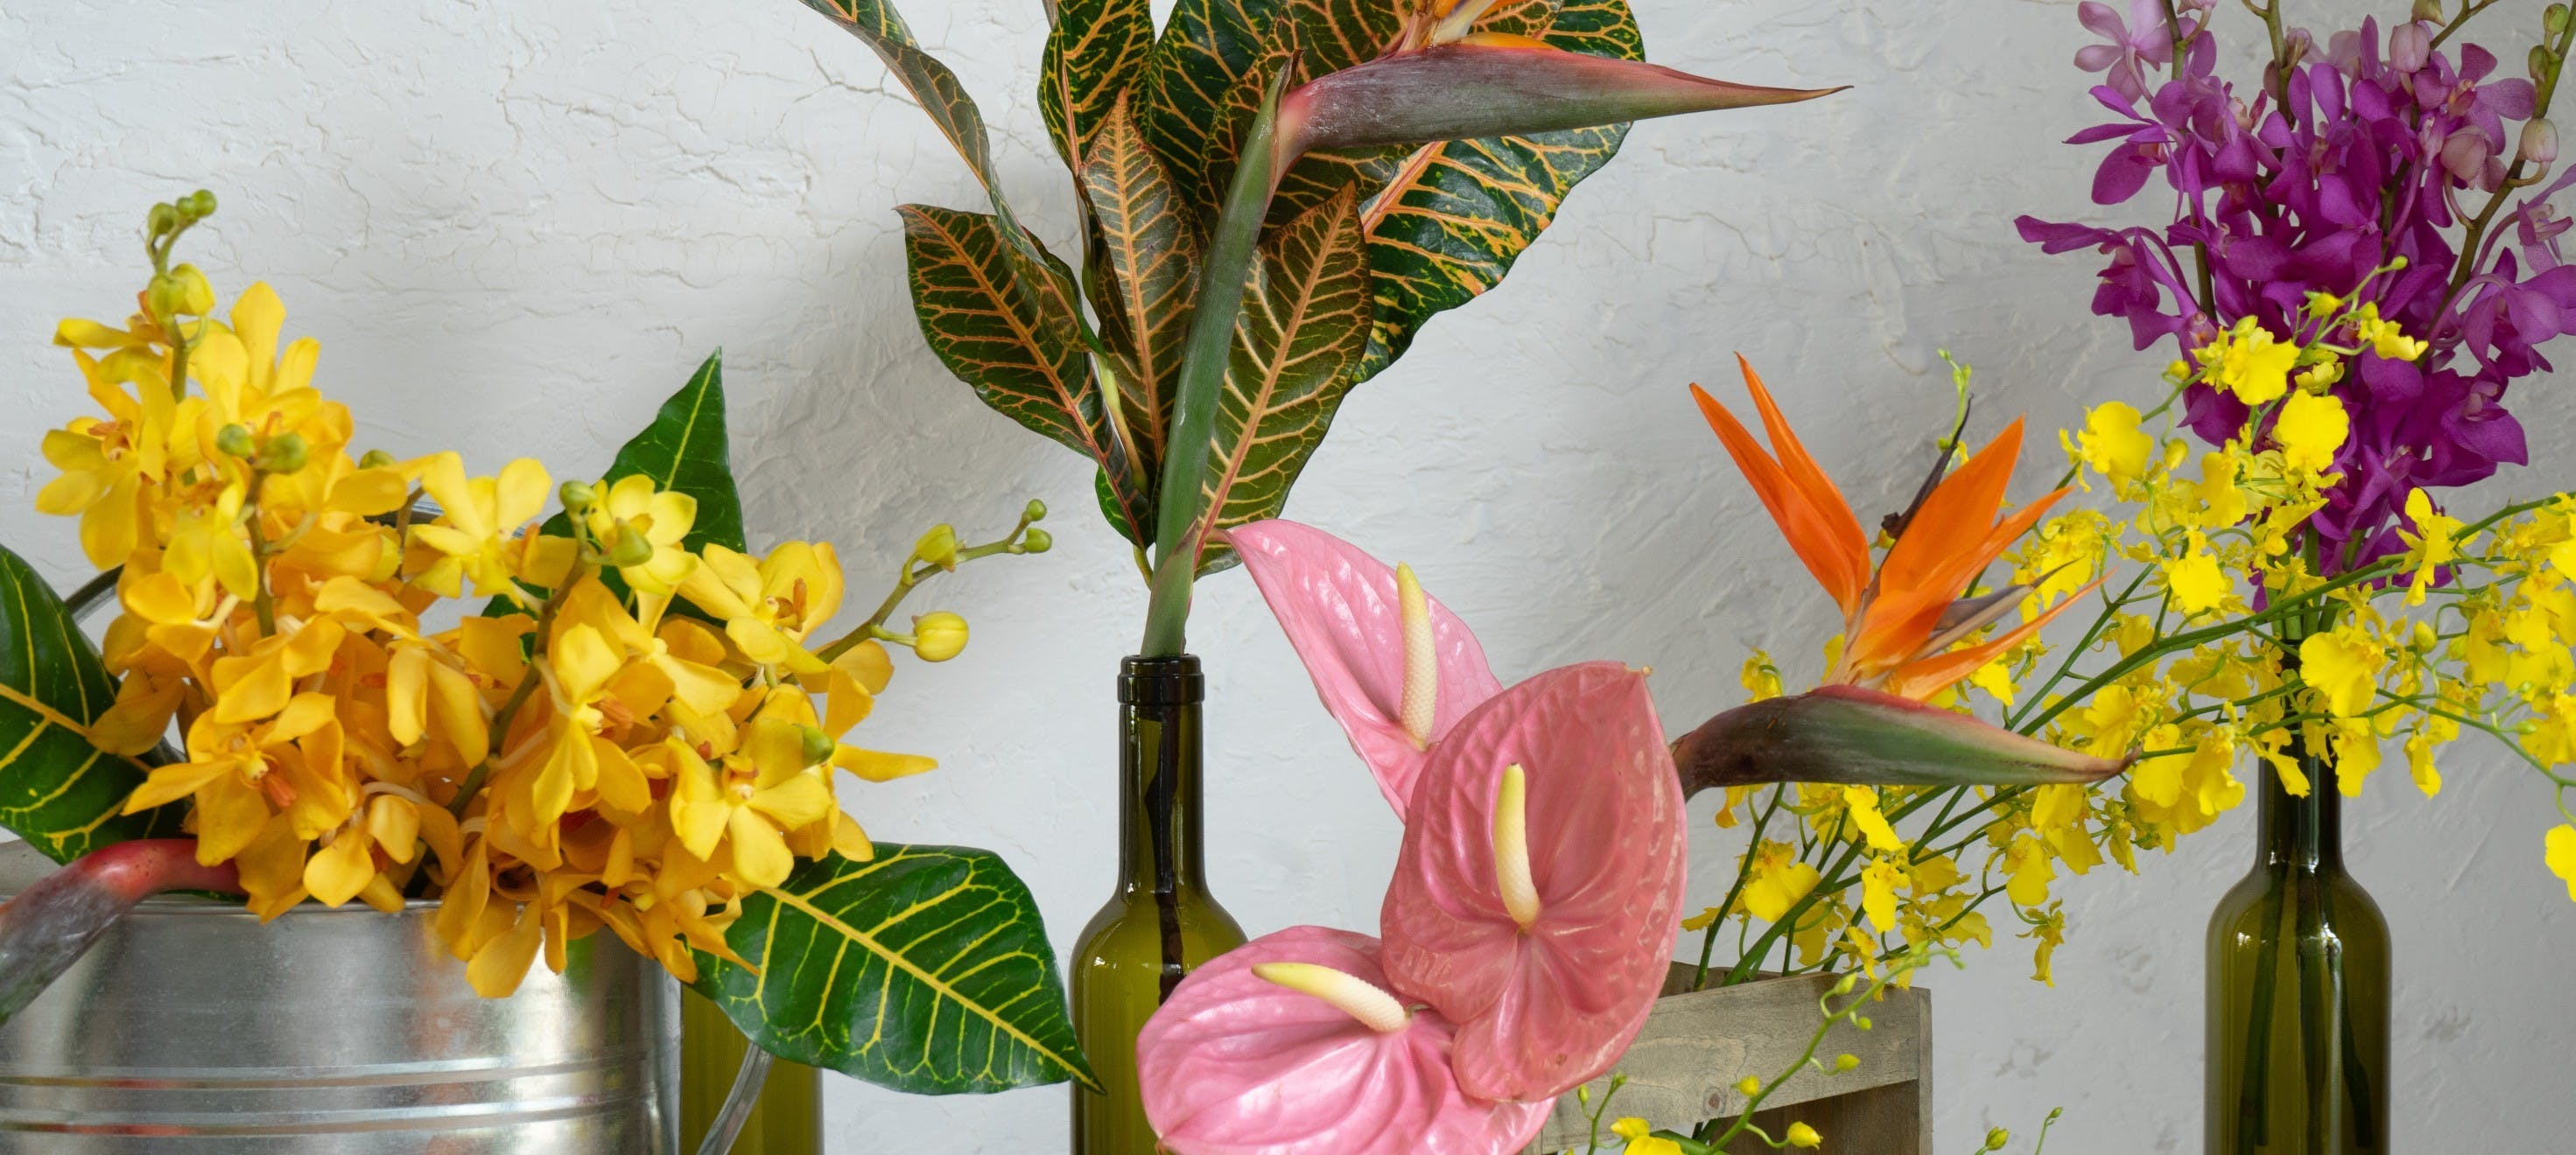 南国系 - お花と植物のギフト通販 HitoHana(ひとはな)